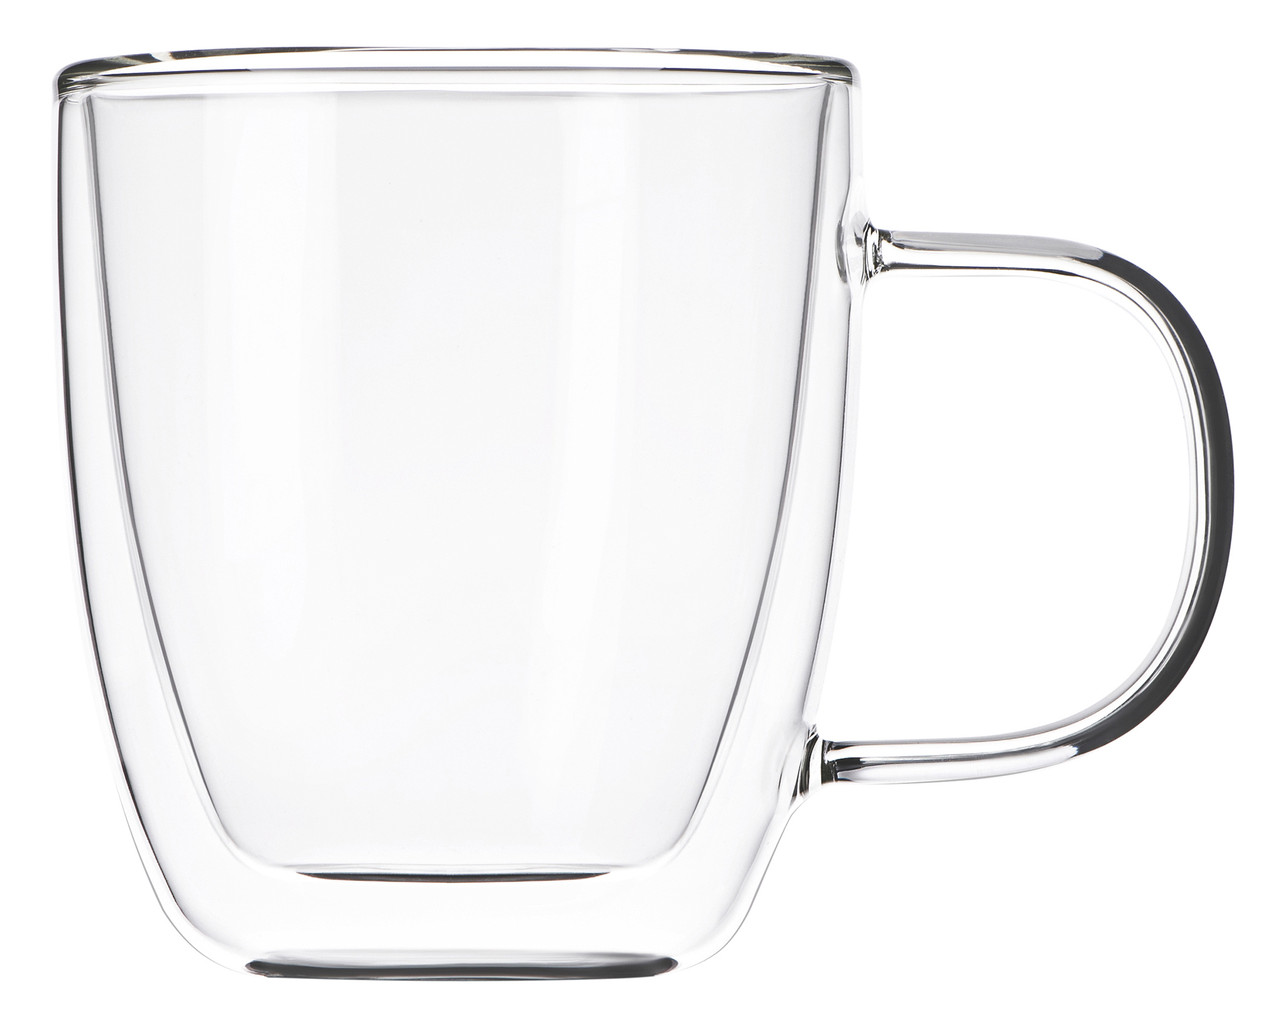 Набір чашок Ardesto 310 мл 2 шт. З подвійними стінками для лате Скло (AR2631GH)